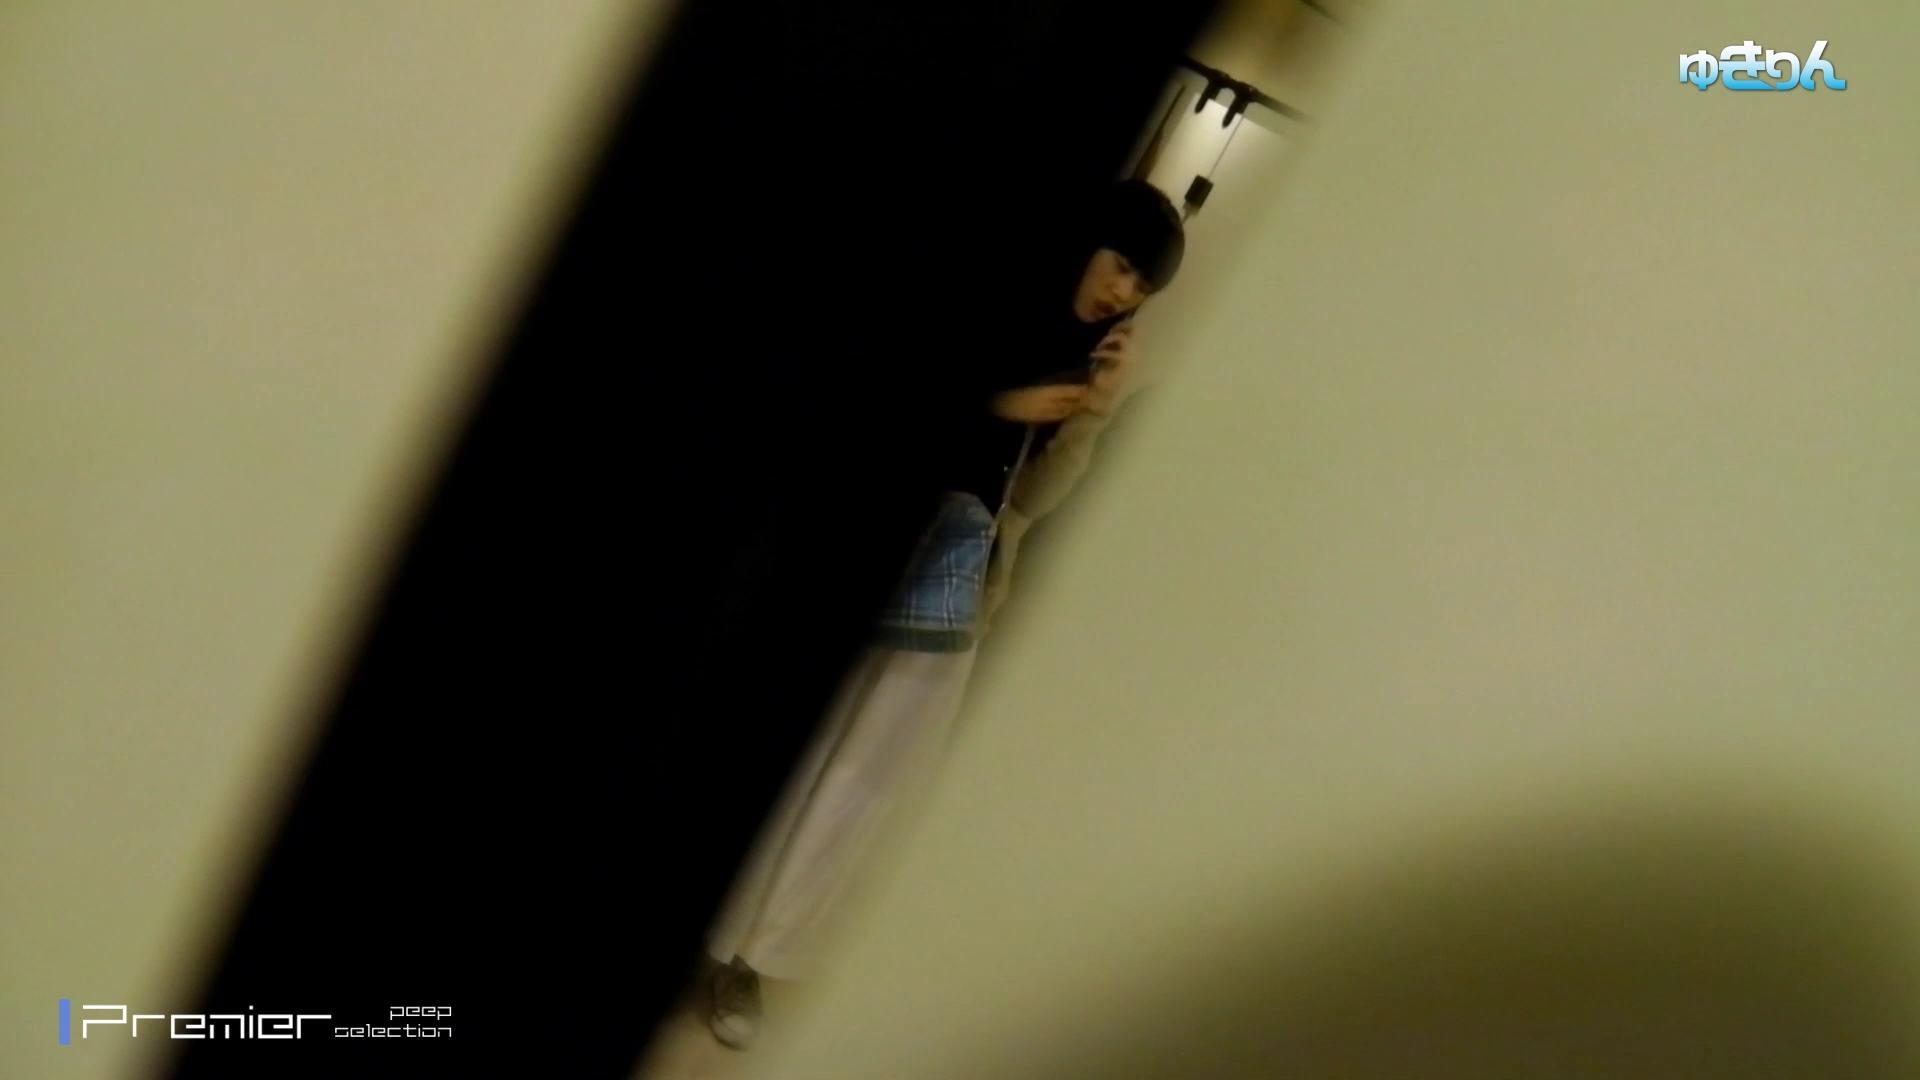 新世界の射窓 No88 必見スニーカーで壁を超える長身!!美女3人 美女達のヌード   洗面所着替え  51連発 11